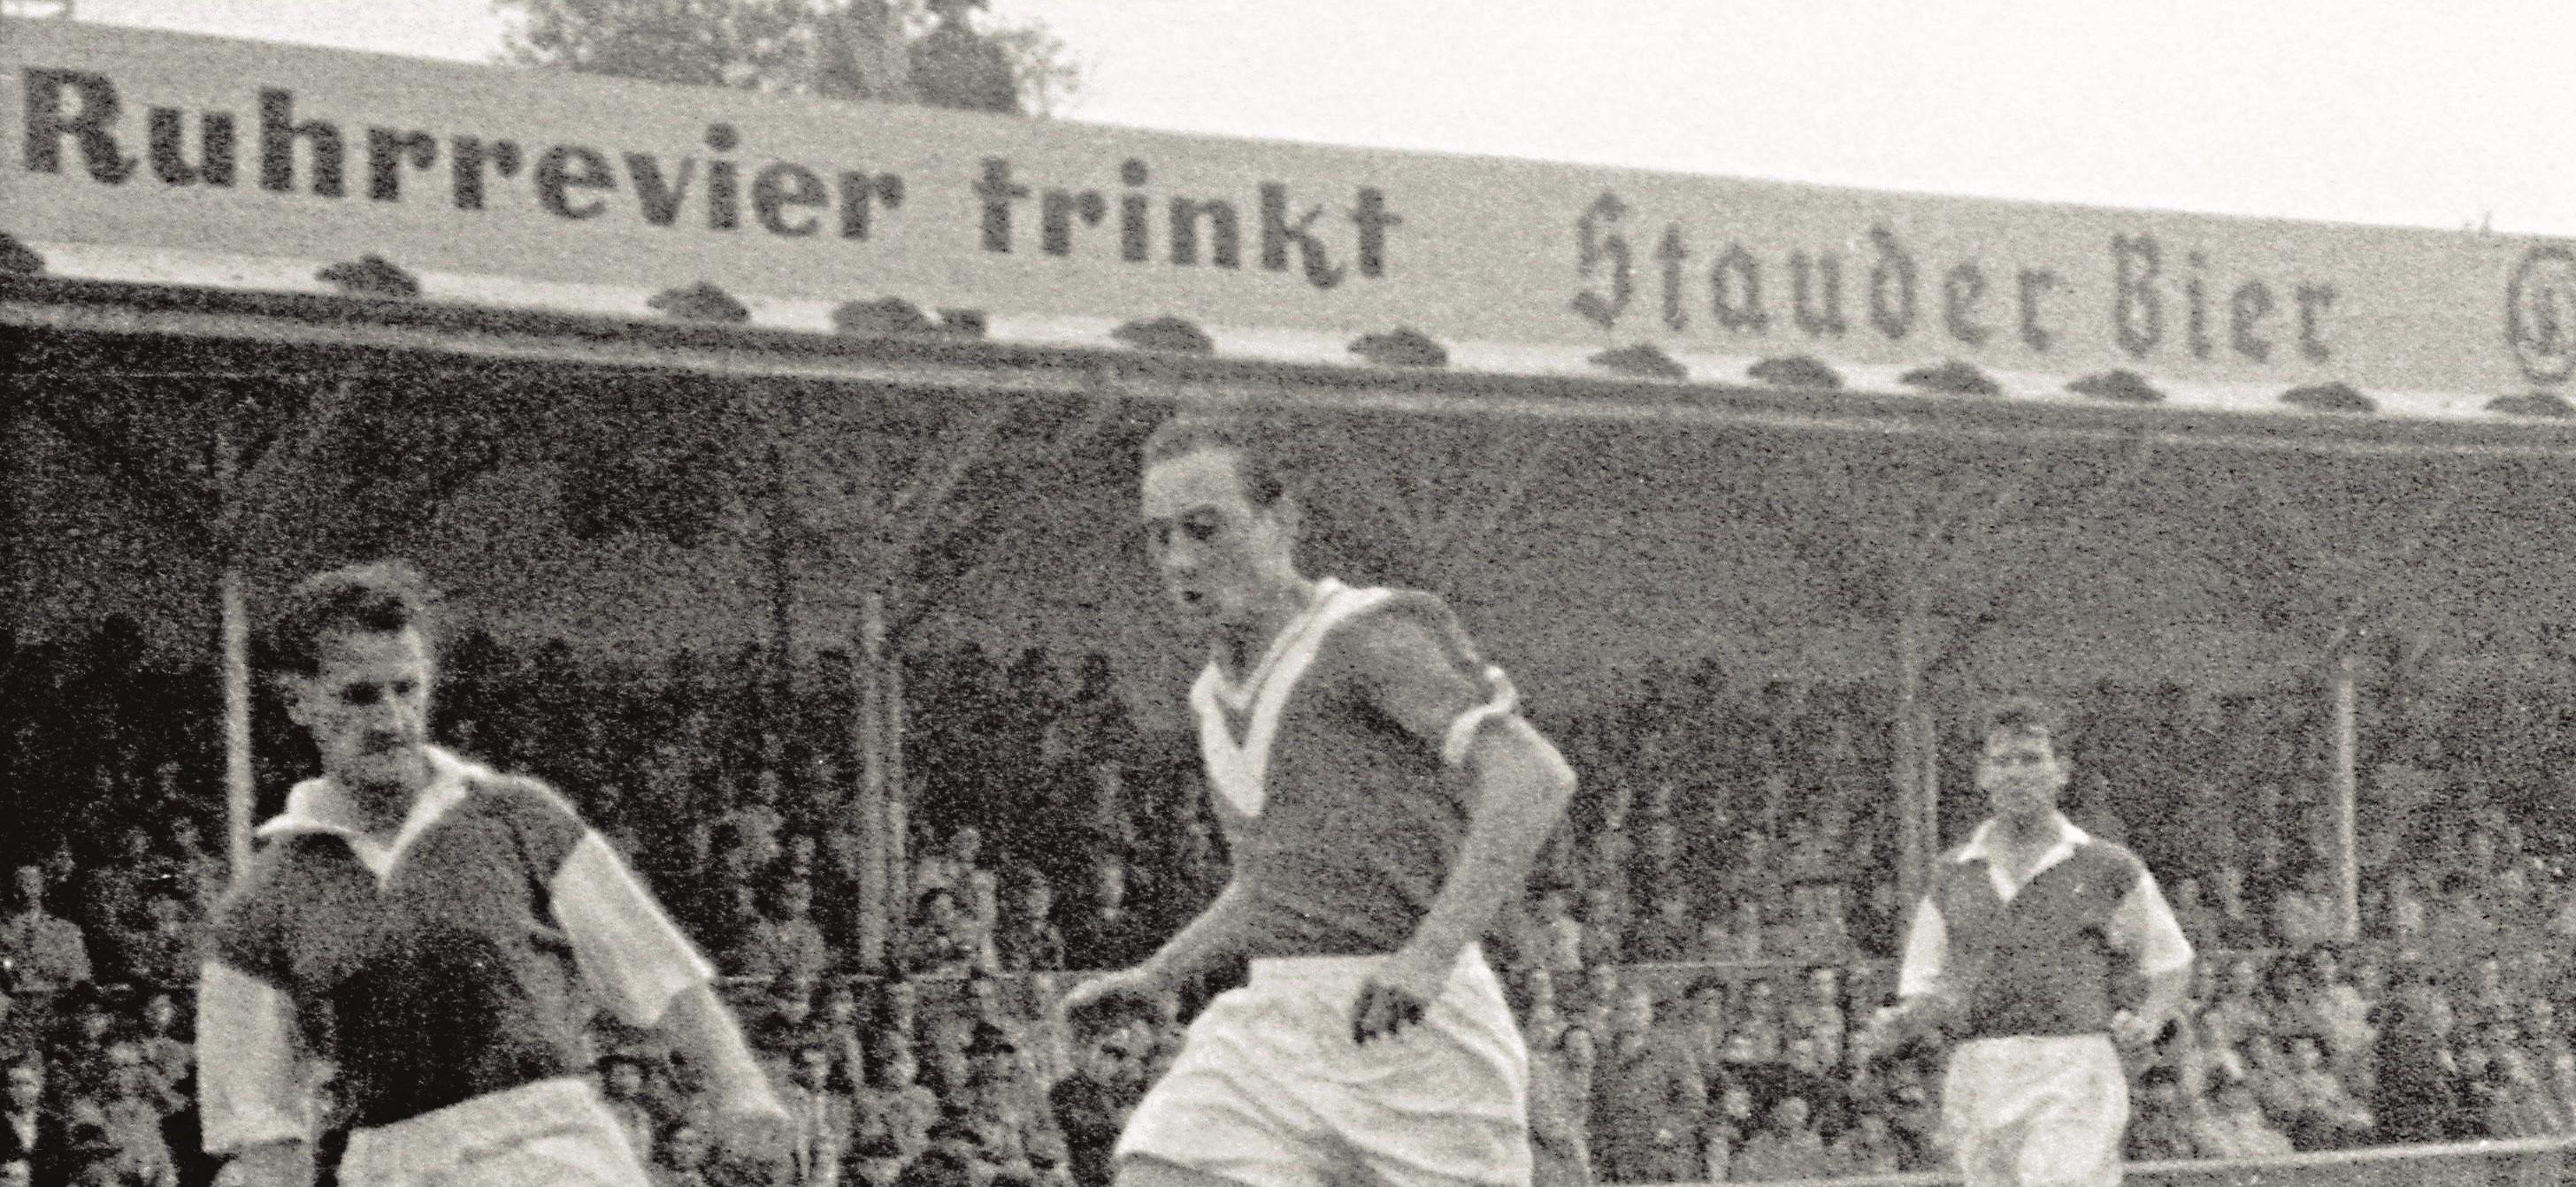 Schon in den 1950er Jahren war Stauder Partner an der Hafenstraße – hier mit einem Schriftzug auf der alten Holztribüne.